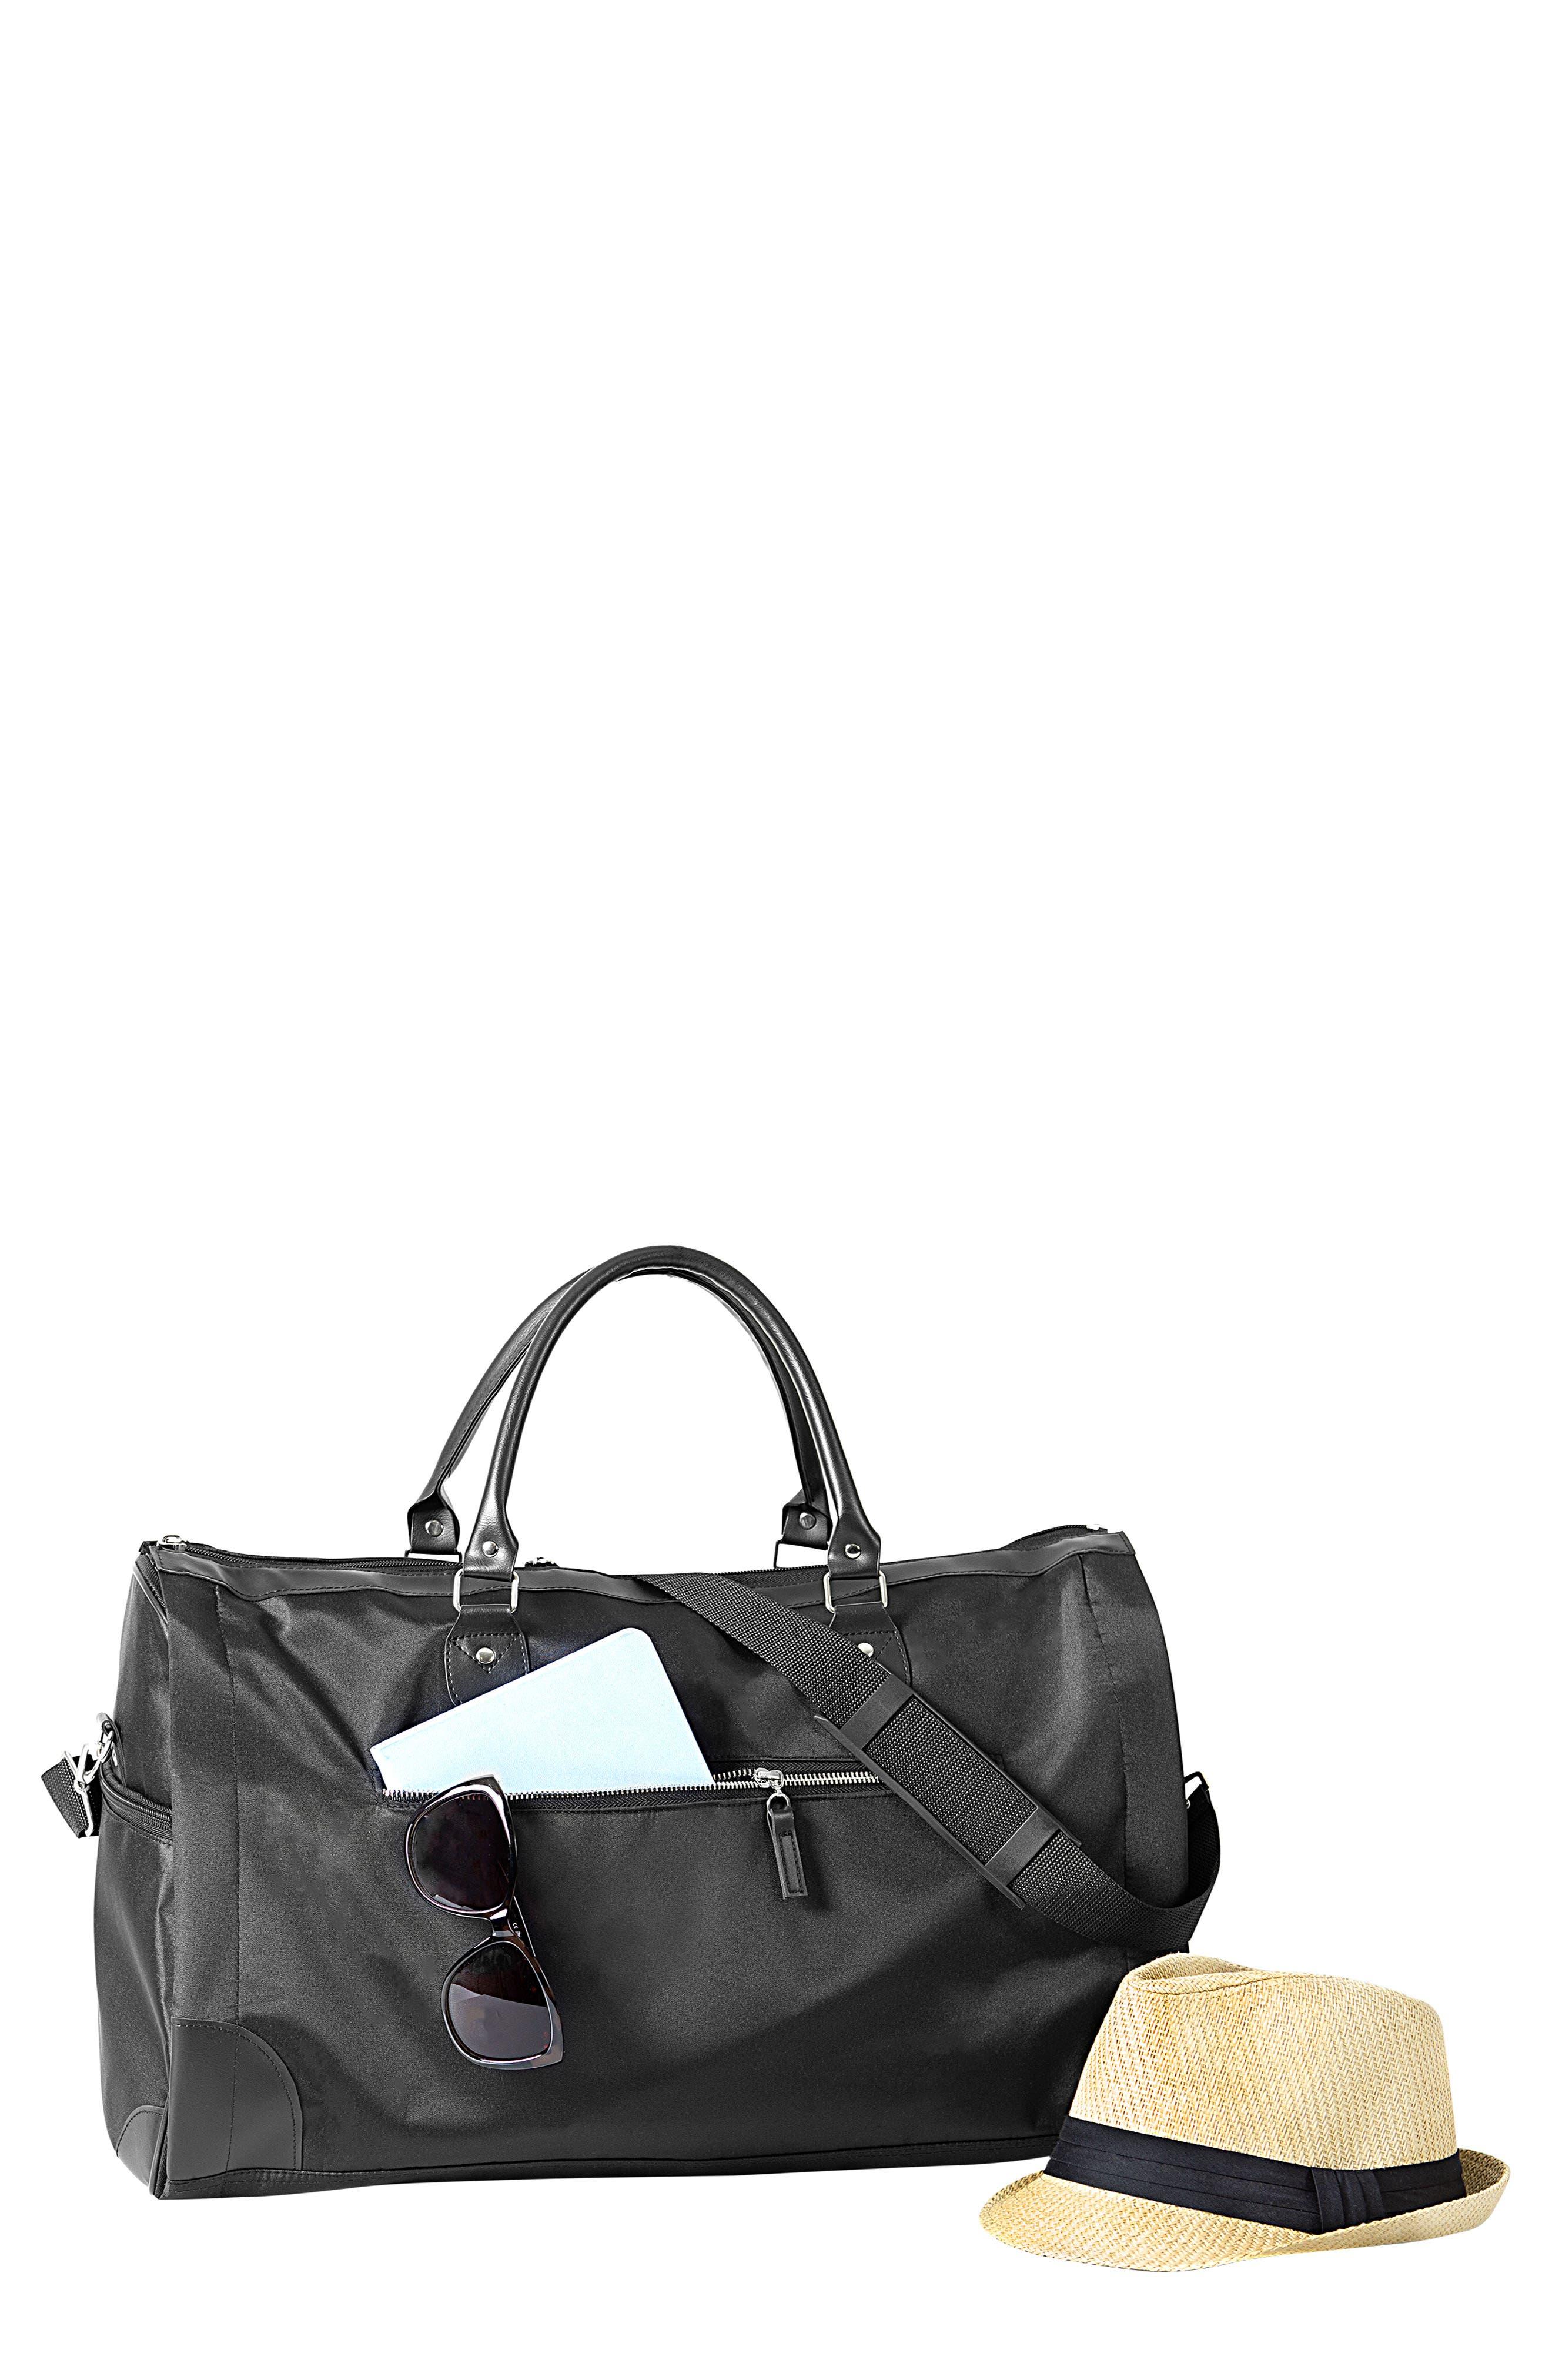 Monogram Duffel/Garment Bag,                             Main thumbnail 1, color,                             BLACK